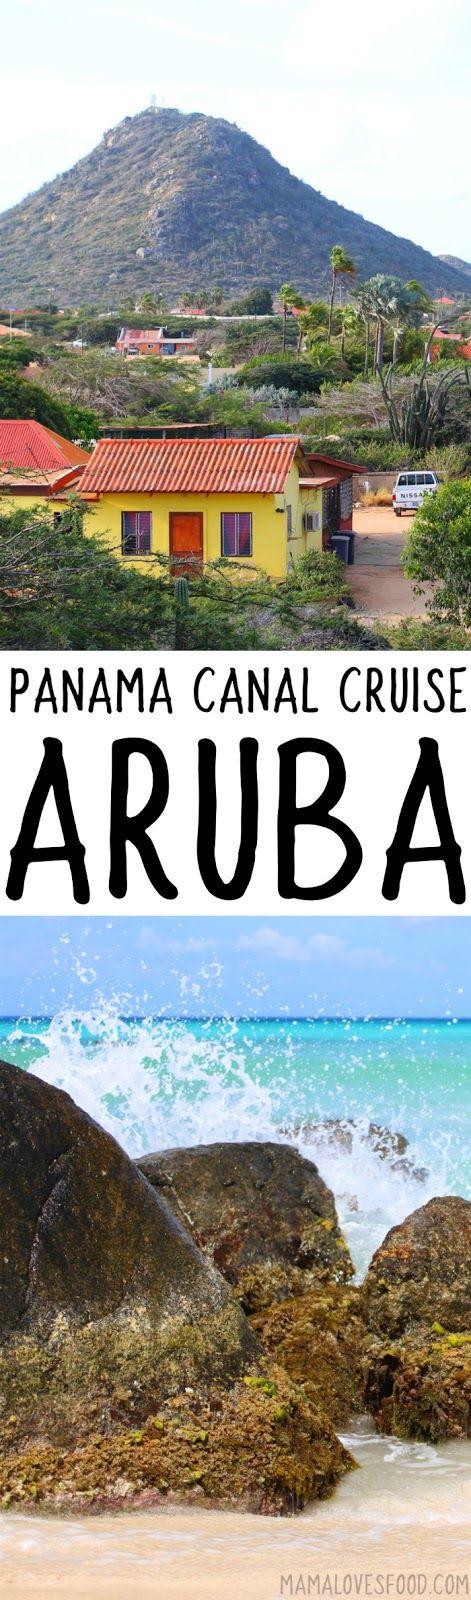 Visiting Aruba - Ten Day Cruise through the Panama Canal